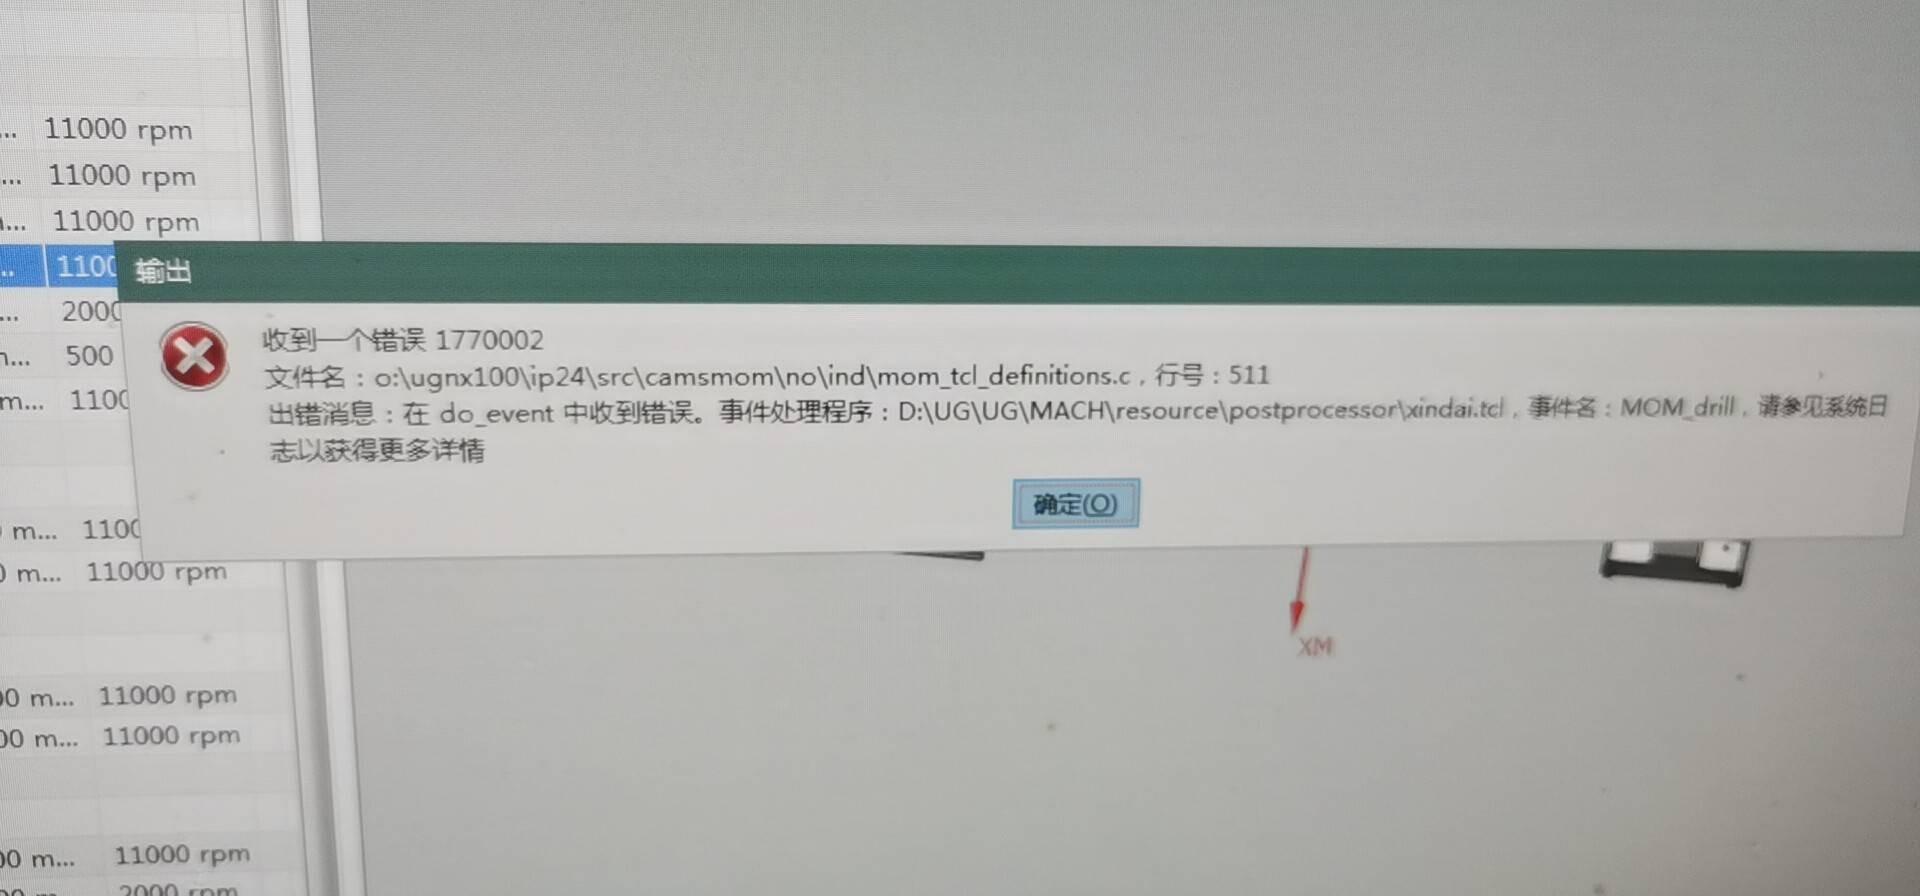 attachments-2021-05-uIWYXwTp608f28993c03b.jpg